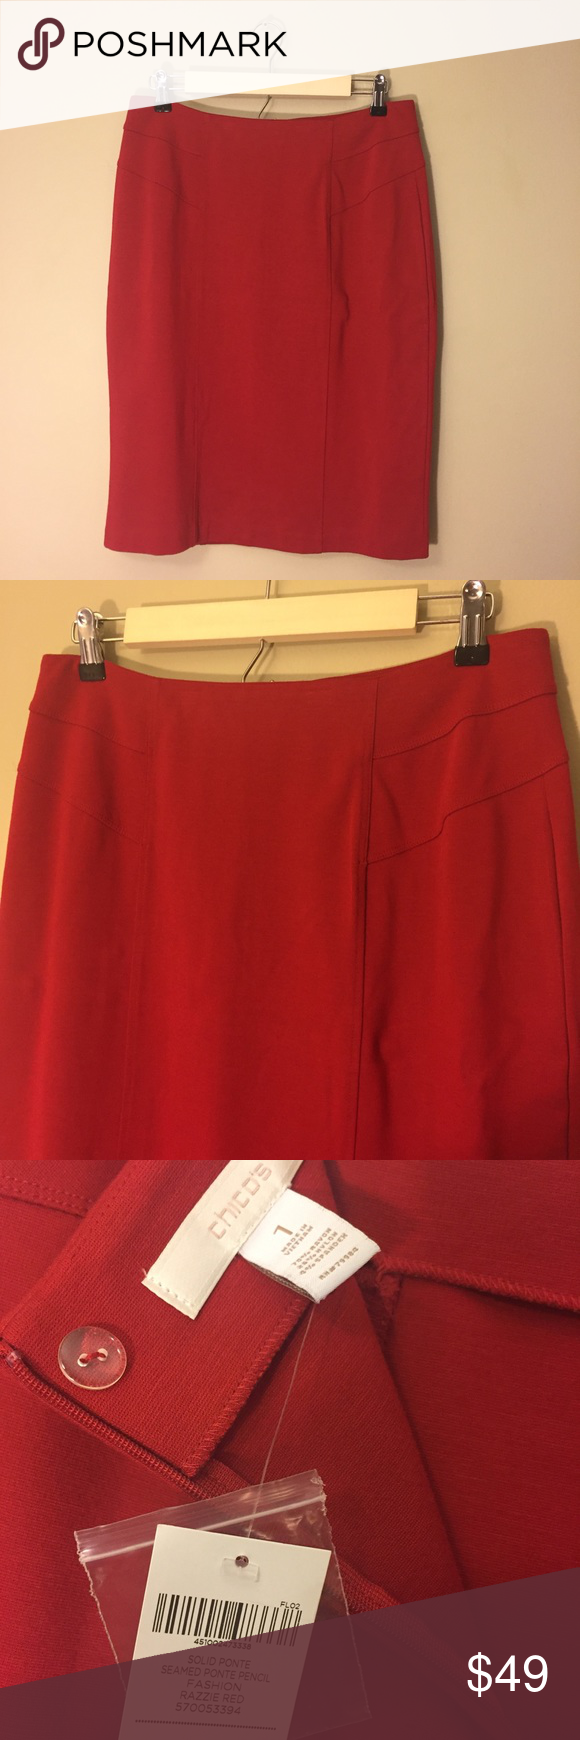 ca5917e9de Chico's Red Seamed Ponte Pencil Skirt NWT Chico's solid red seamed ponte  pencil skirt, size